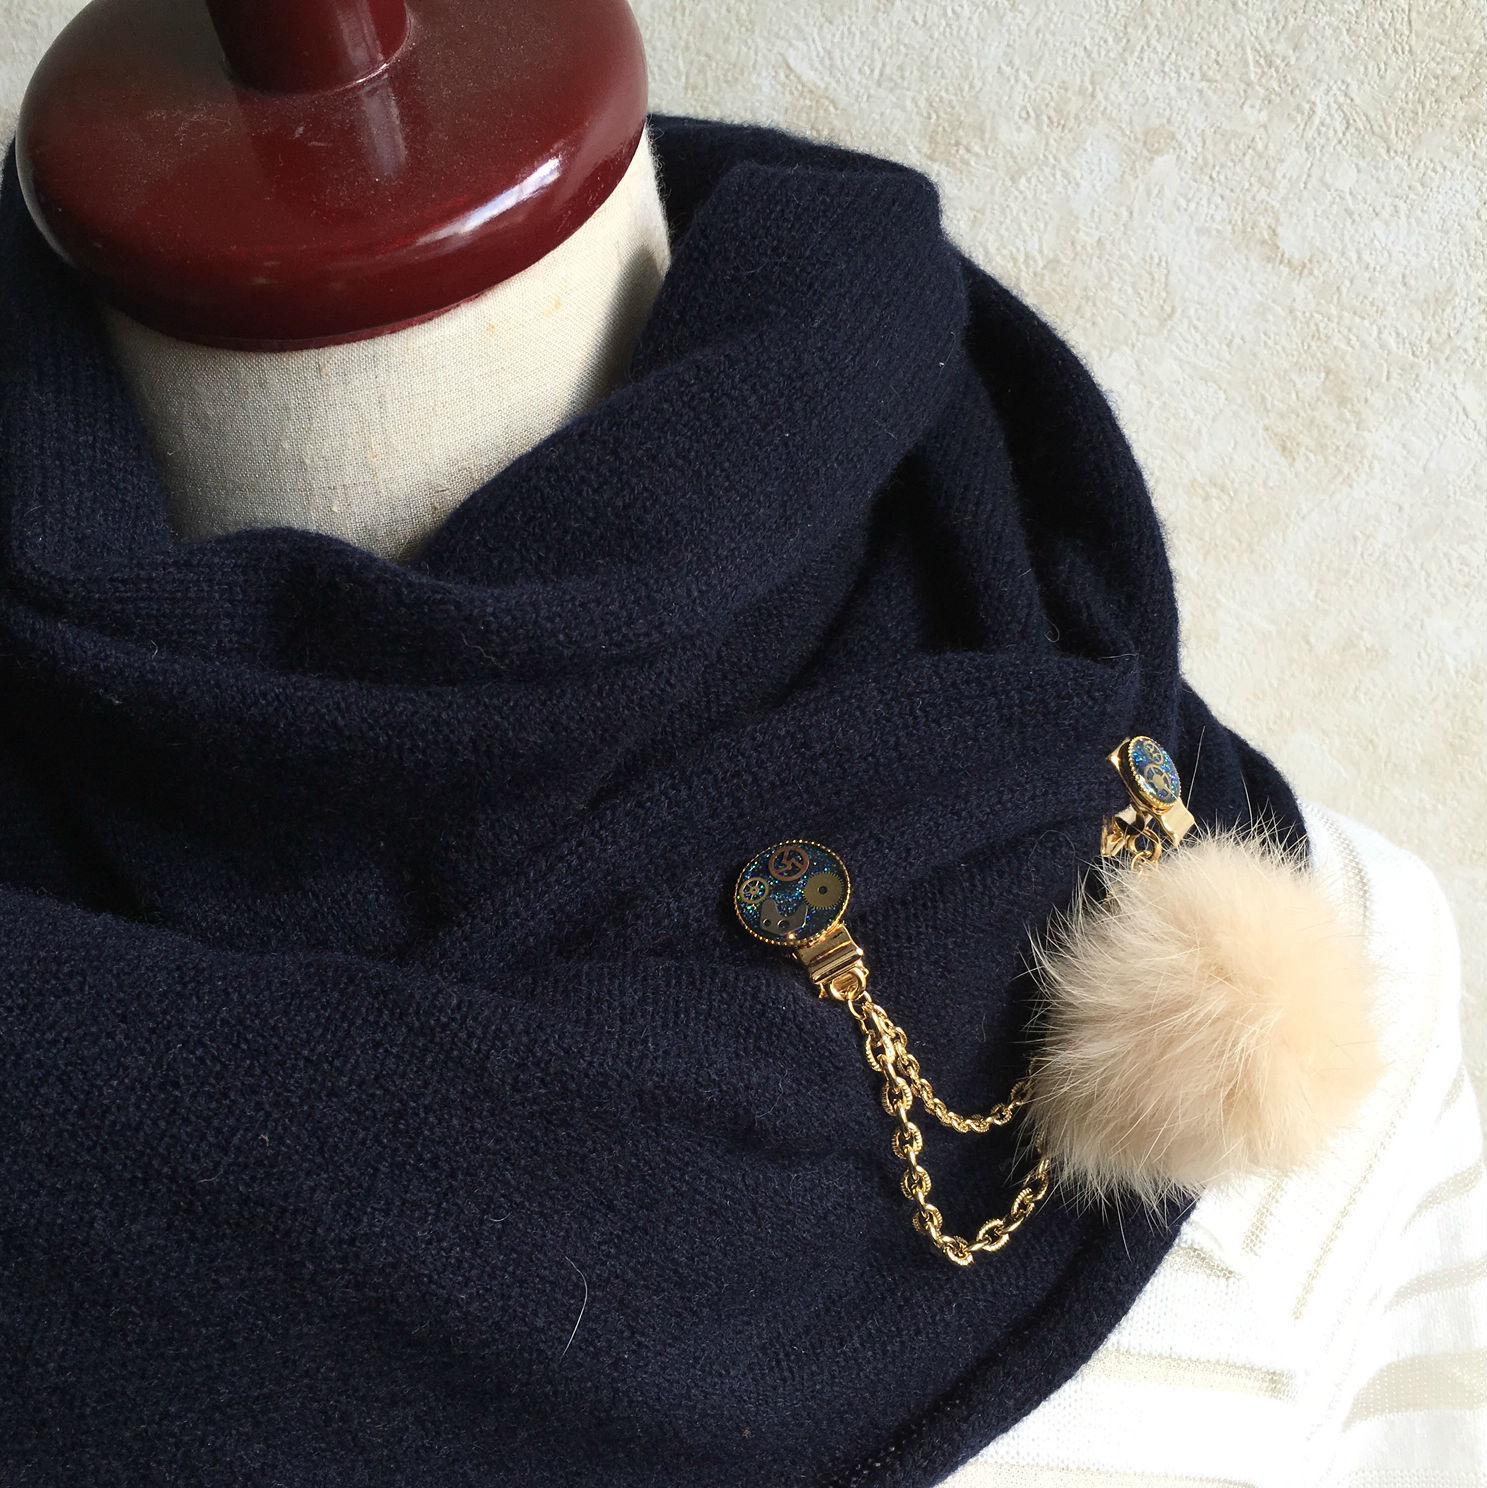 【帽子やストール留めに】クリップチェーン(ゴールド金具・ファー付)